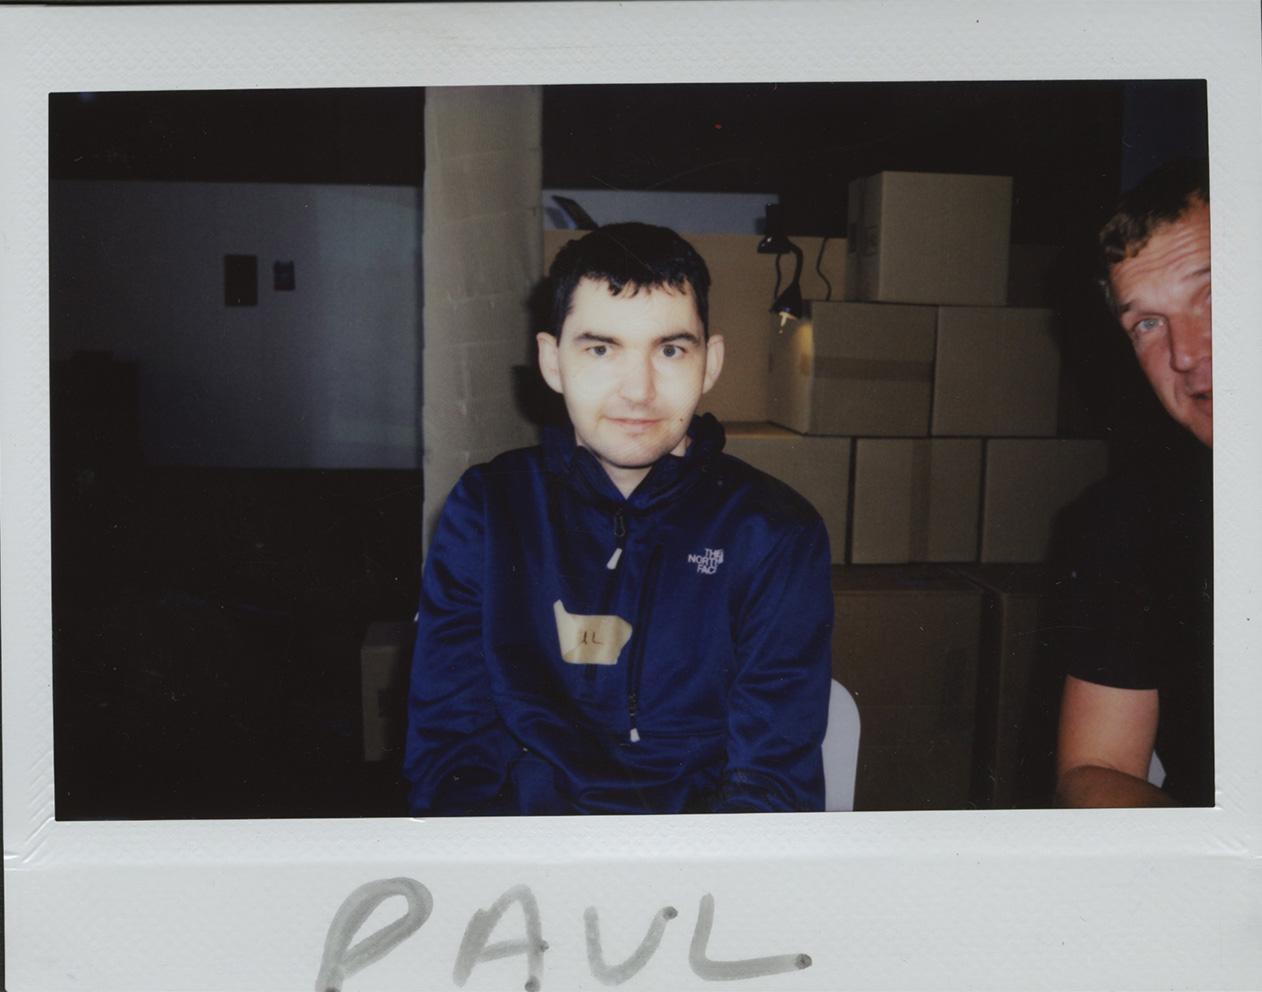 PLE0131 PAUL.jpg